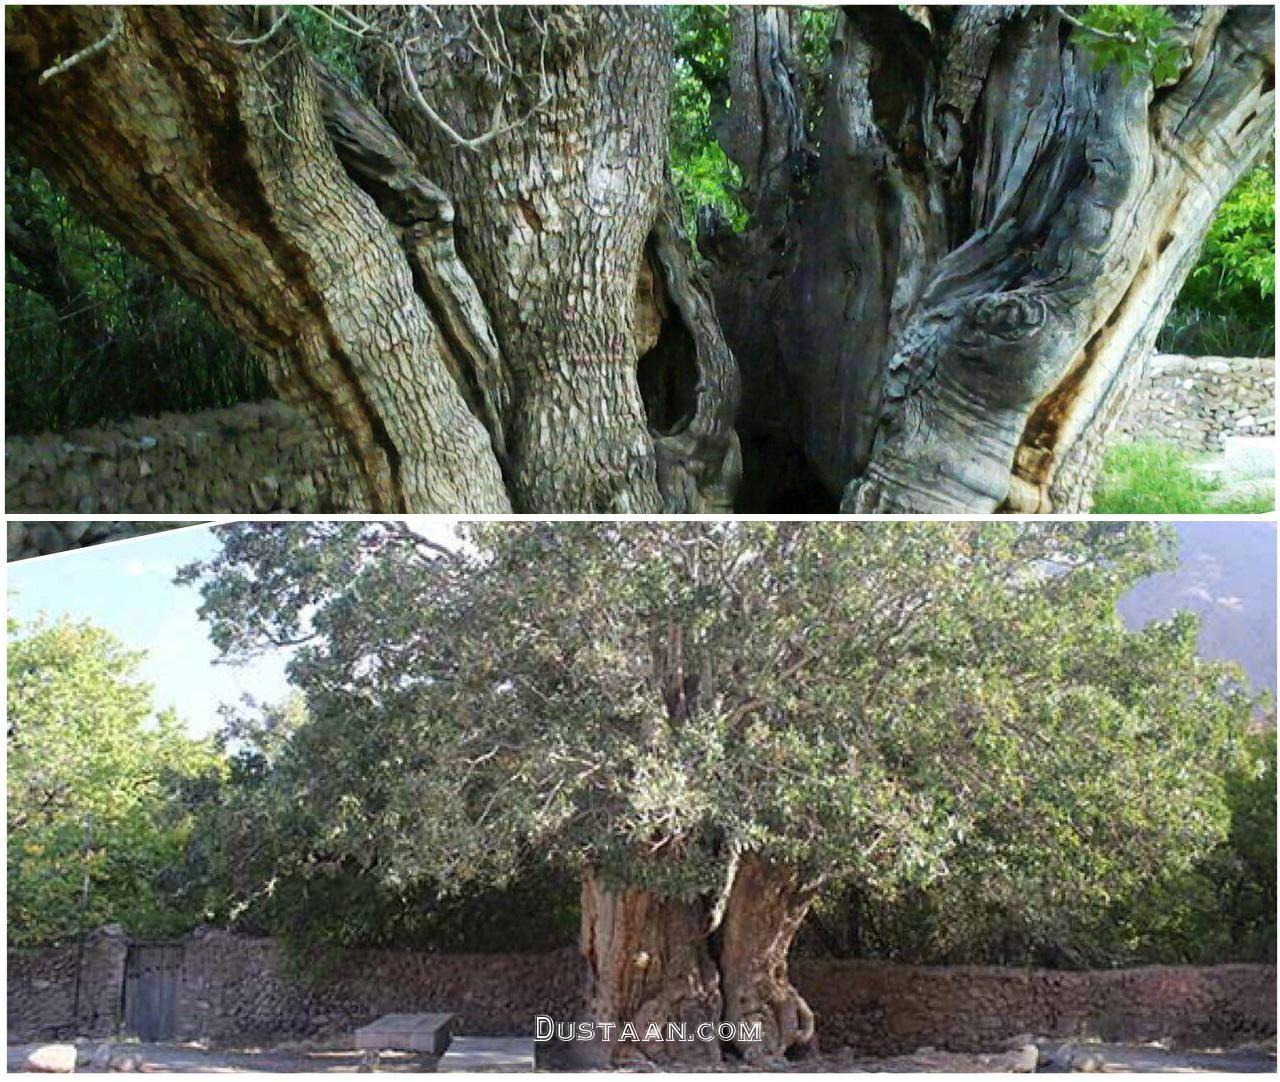 www.dustaan.com قدیمی ترین درخت پسته جهان در رفسنجان +عکس